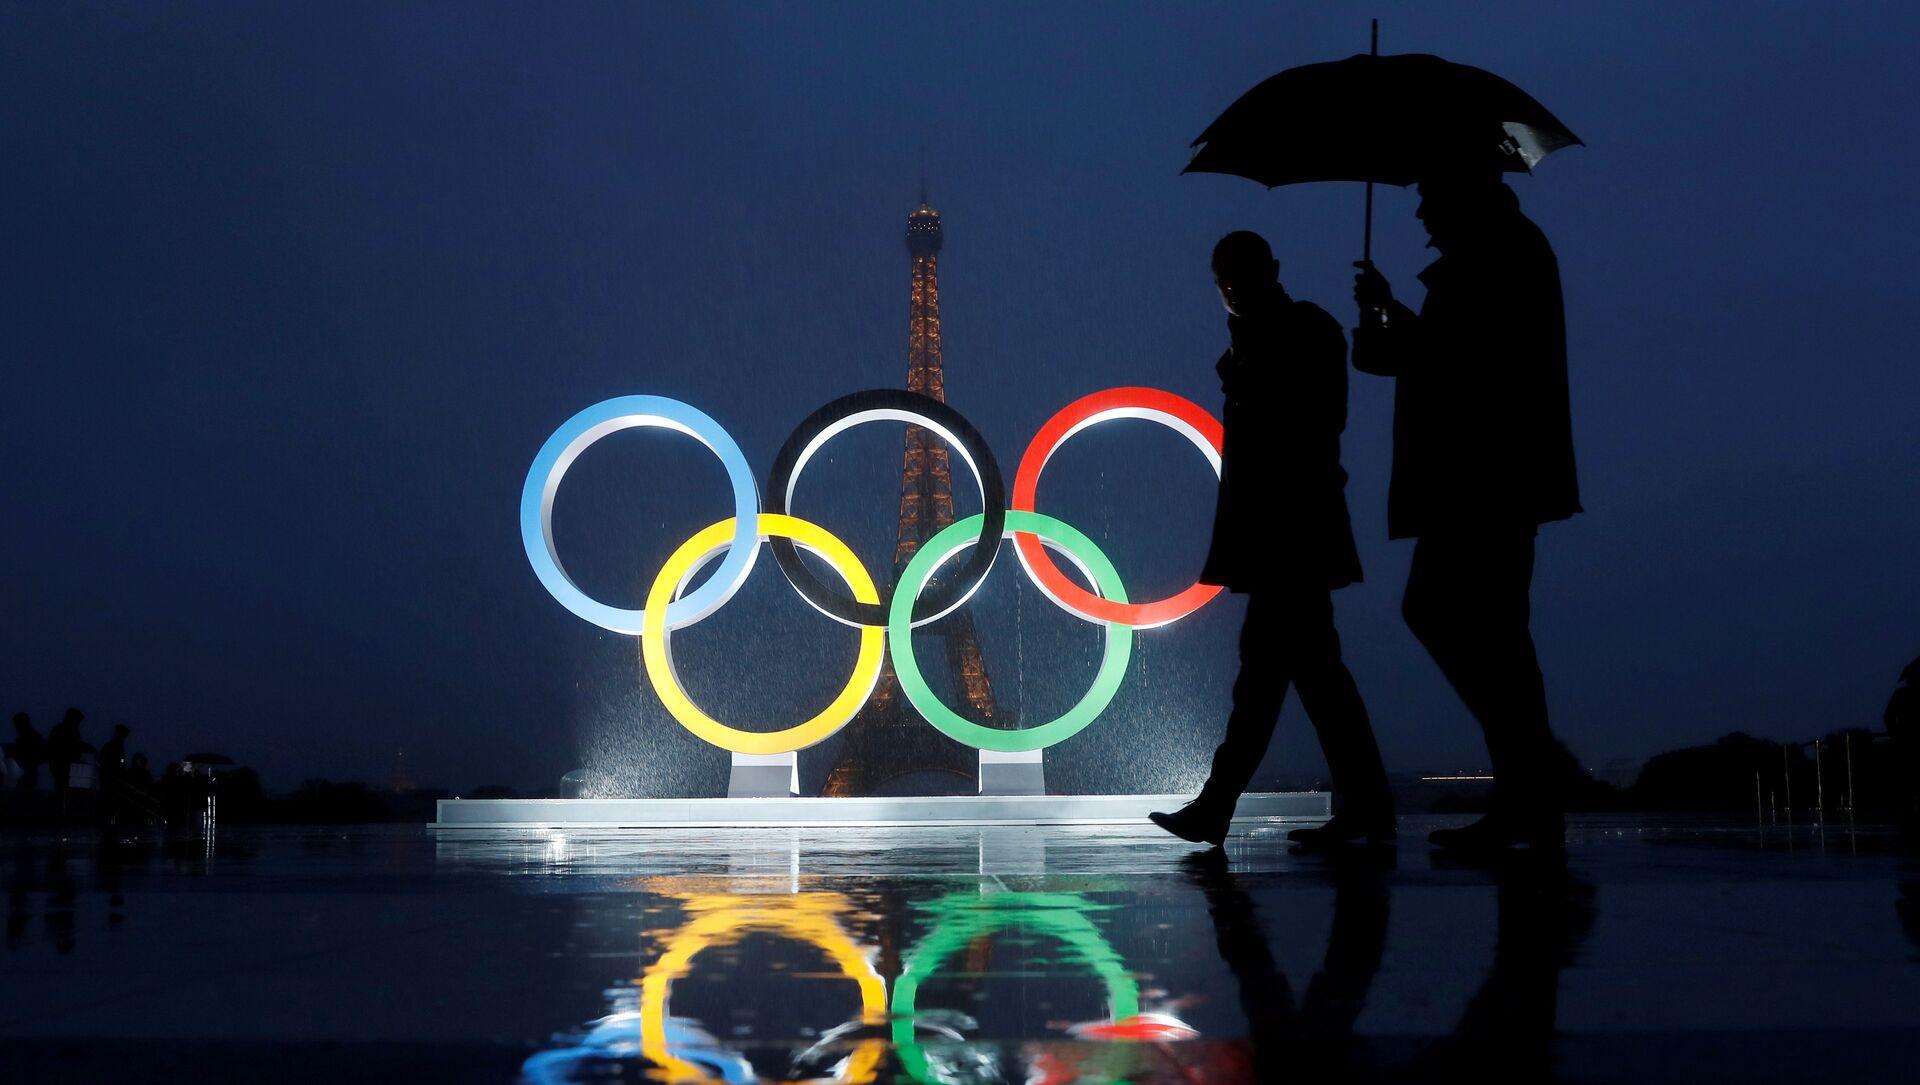 La ville de Paris est prête à prendre le relais pour les Jeux olympiques de 2024 - Sputnik France, 1920, 03.09.2021